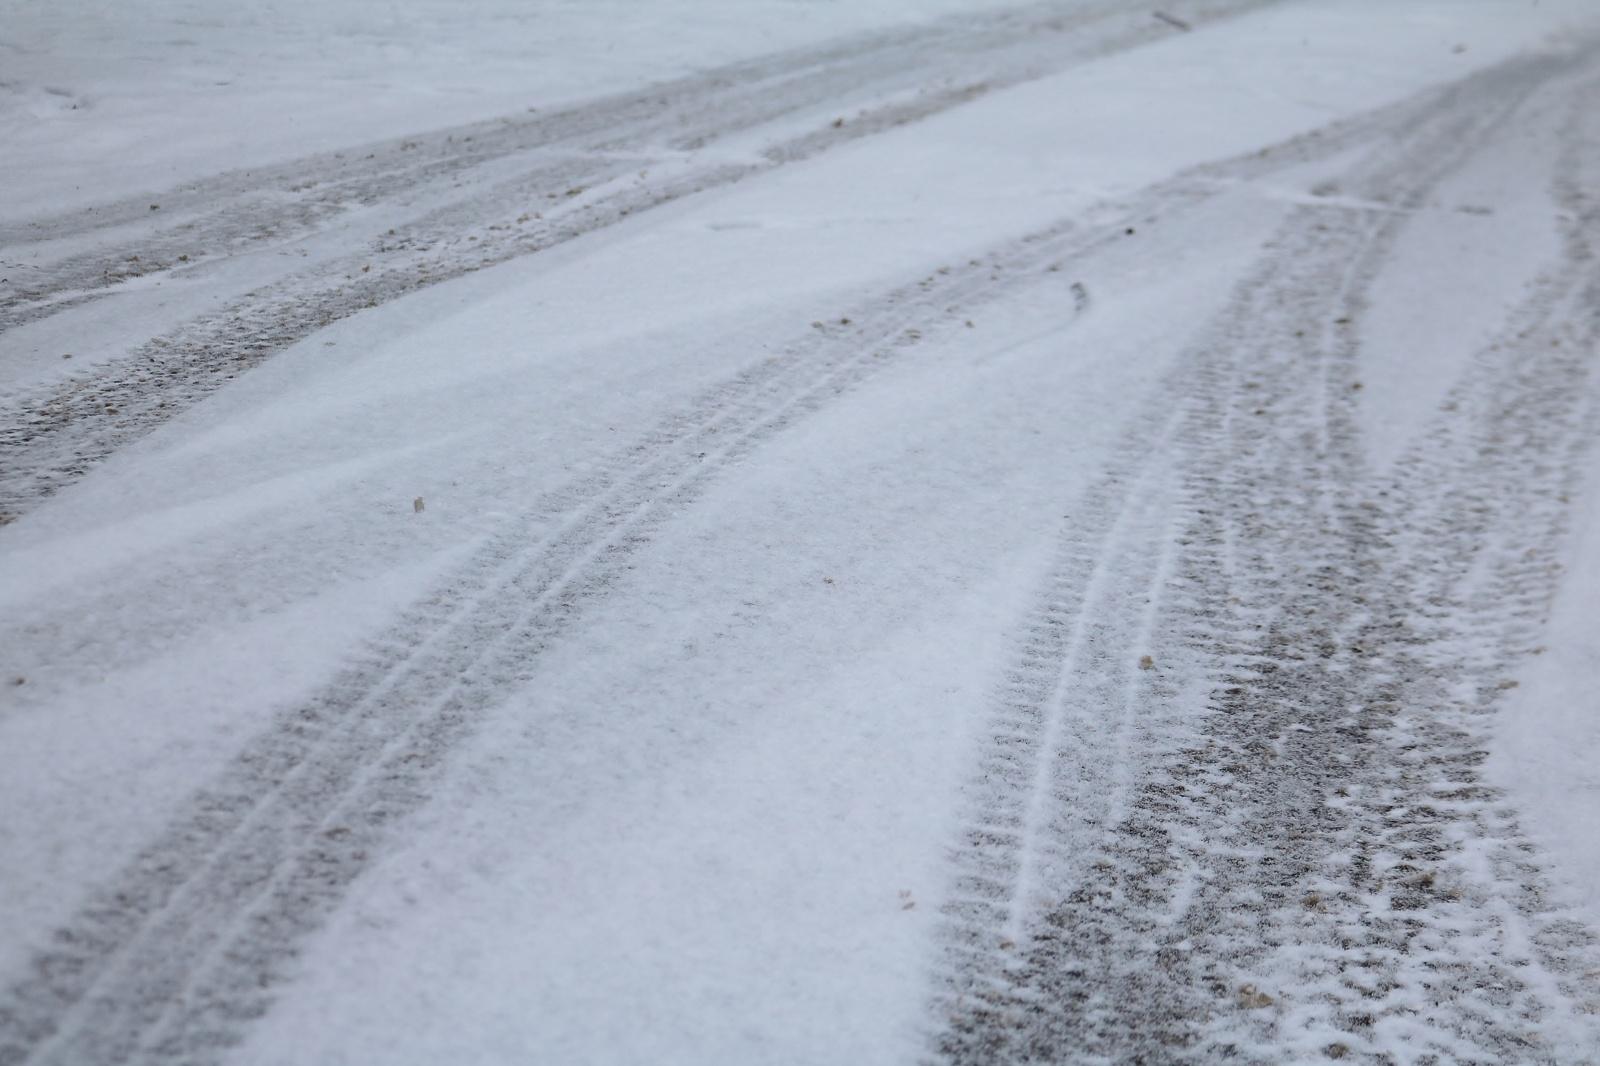 Kelių būklė ir eismo sąlygos: yra slidžių ruožų